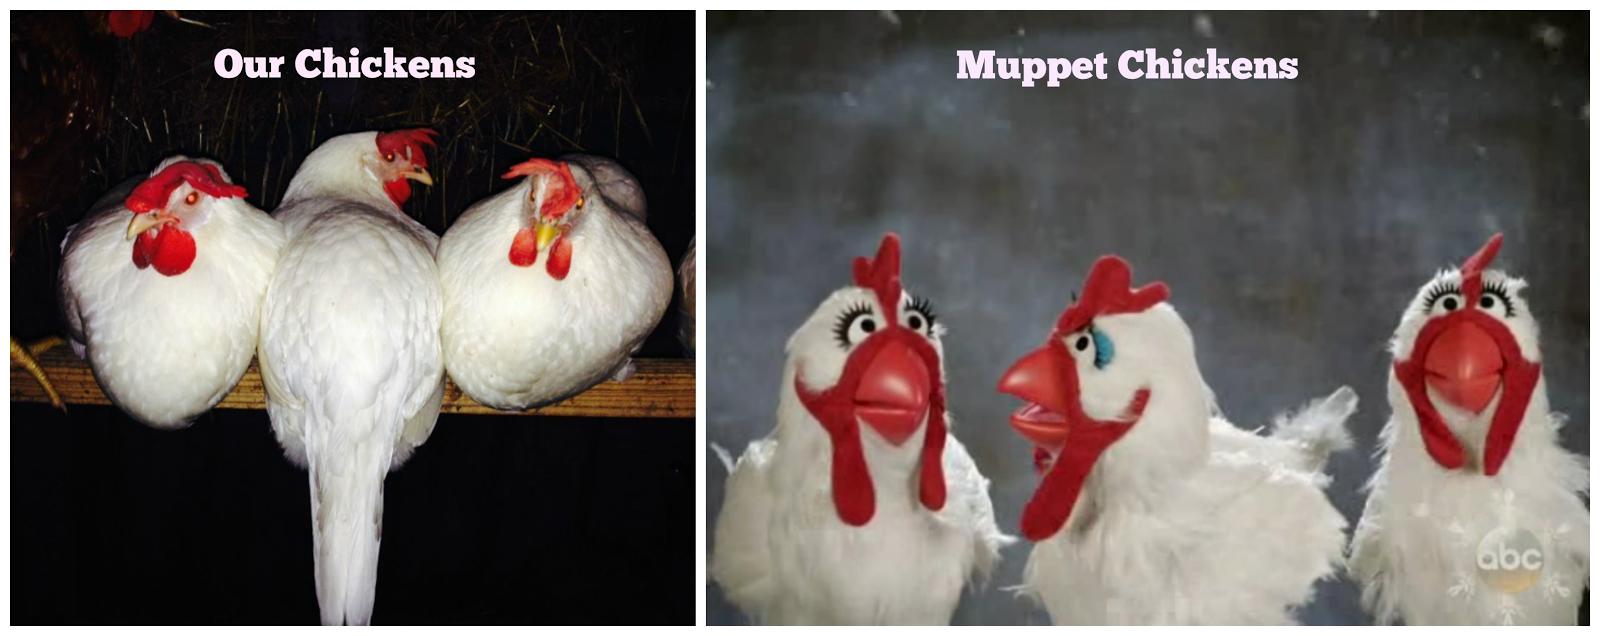 My Three Chicks